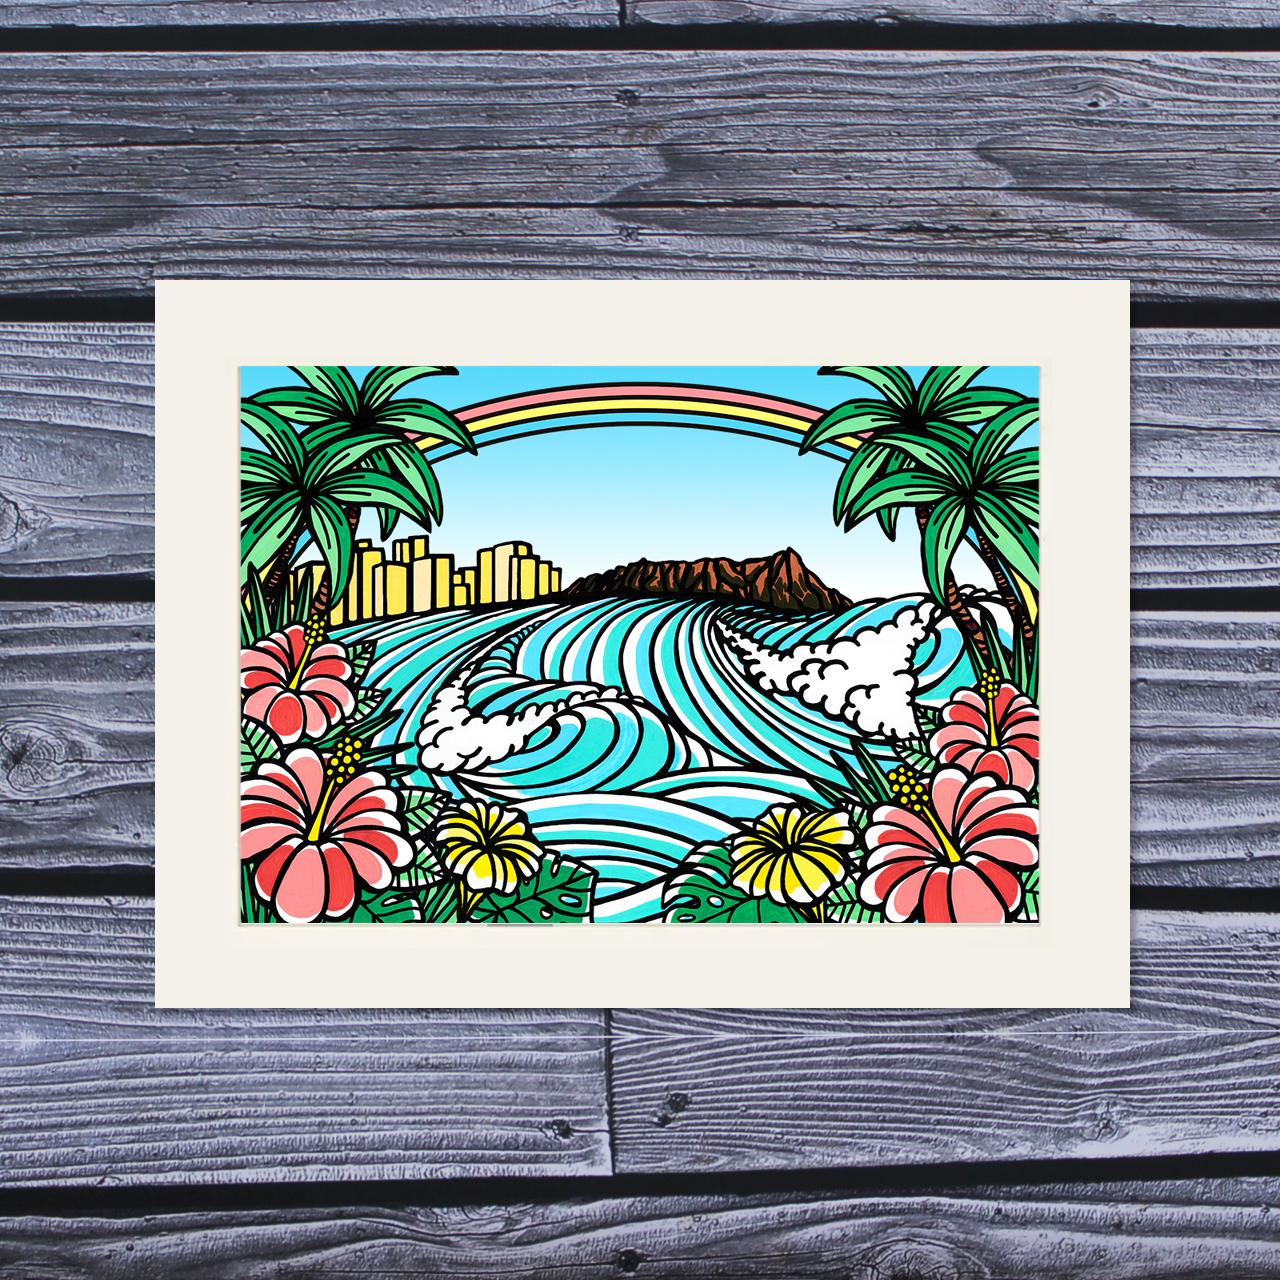 アートプリント A4(Town of Hawaii)